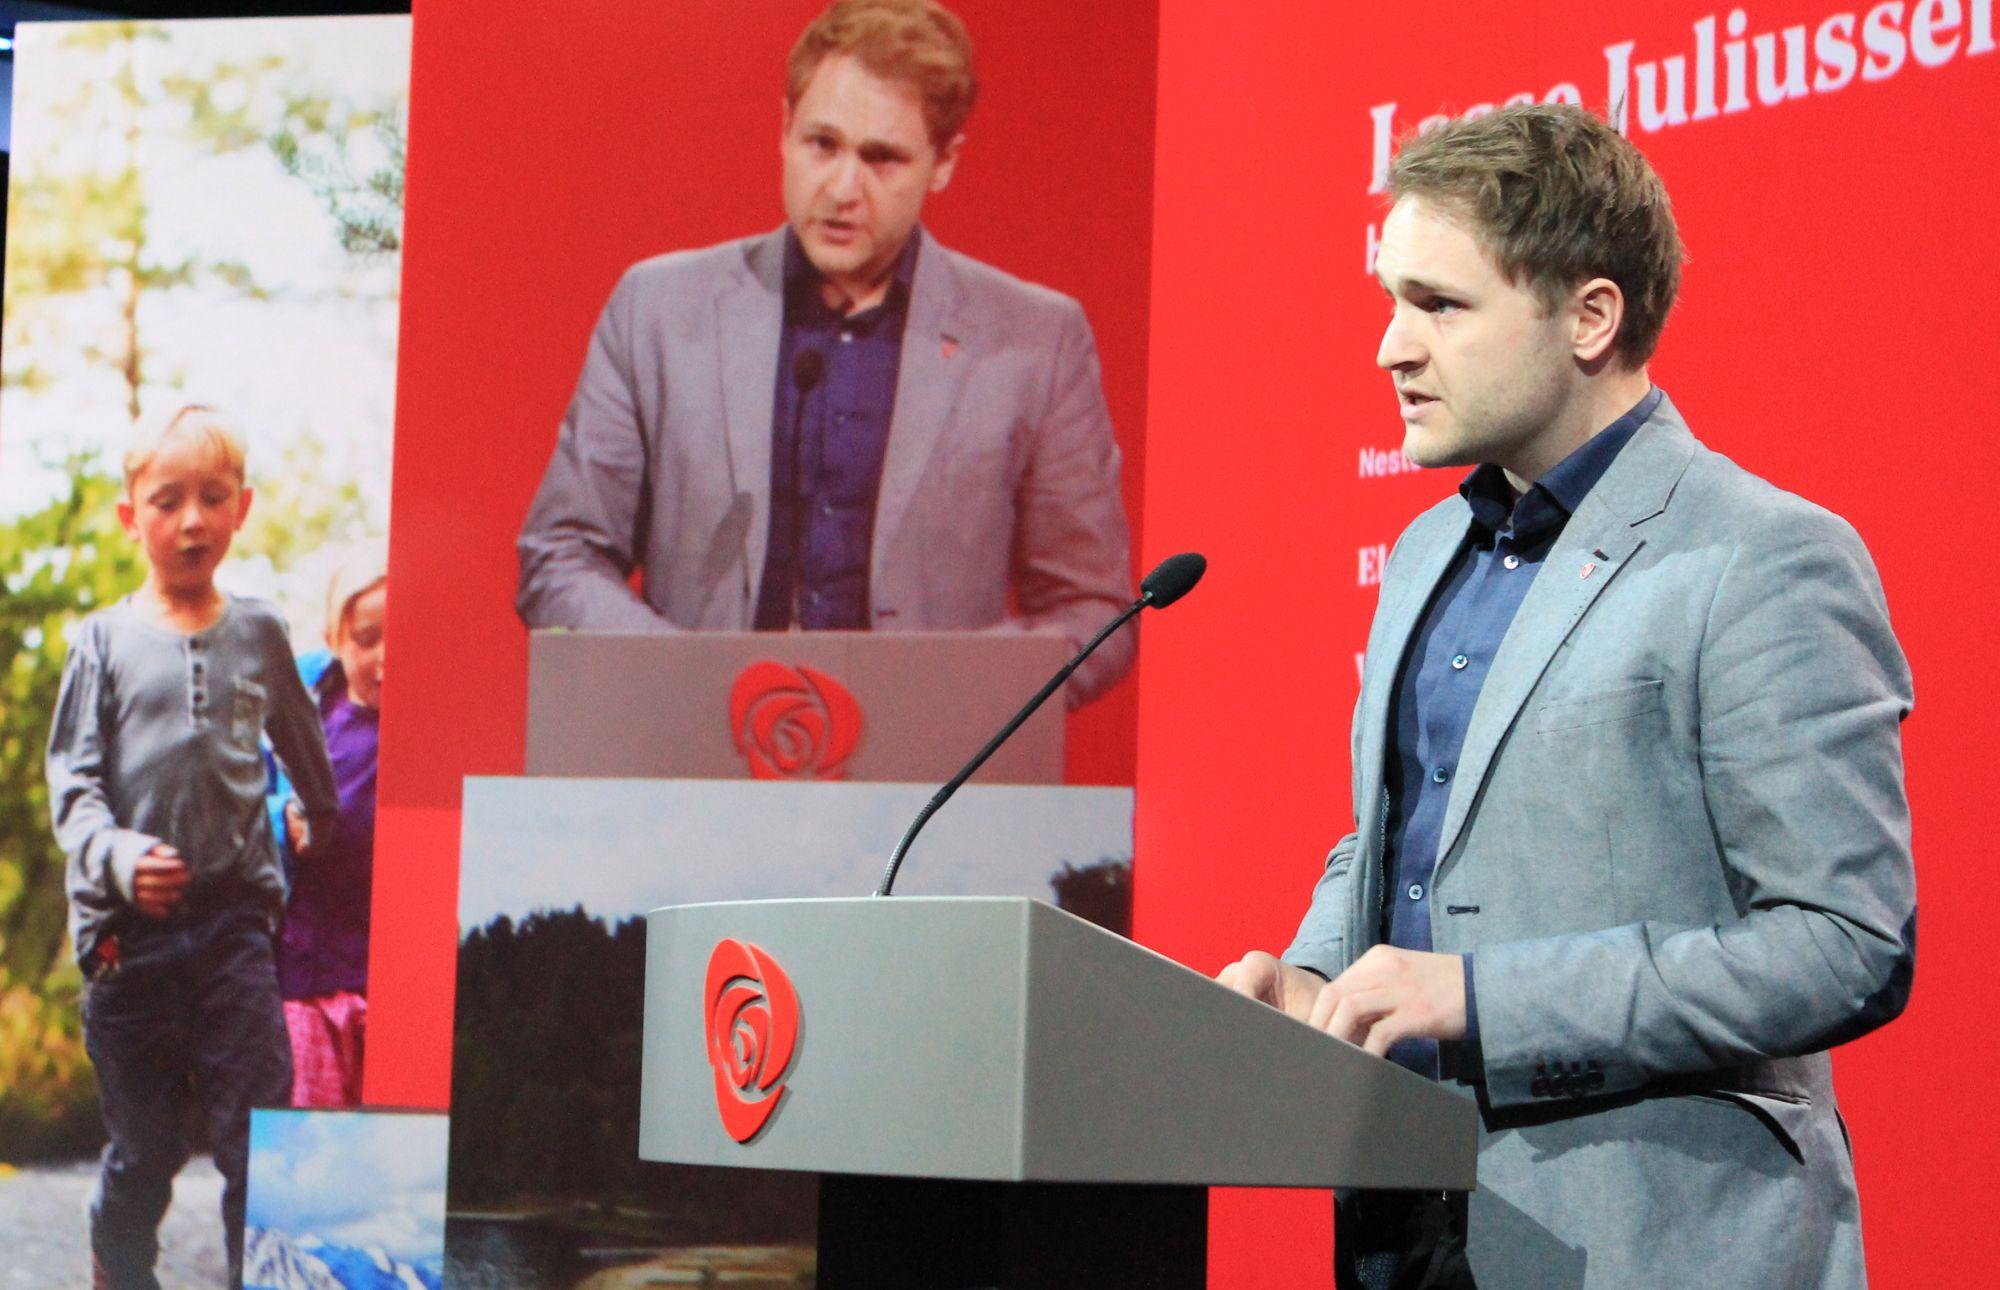 Lasse Juliussen. Foto: Bjørn Jarle Røberg-Larsen